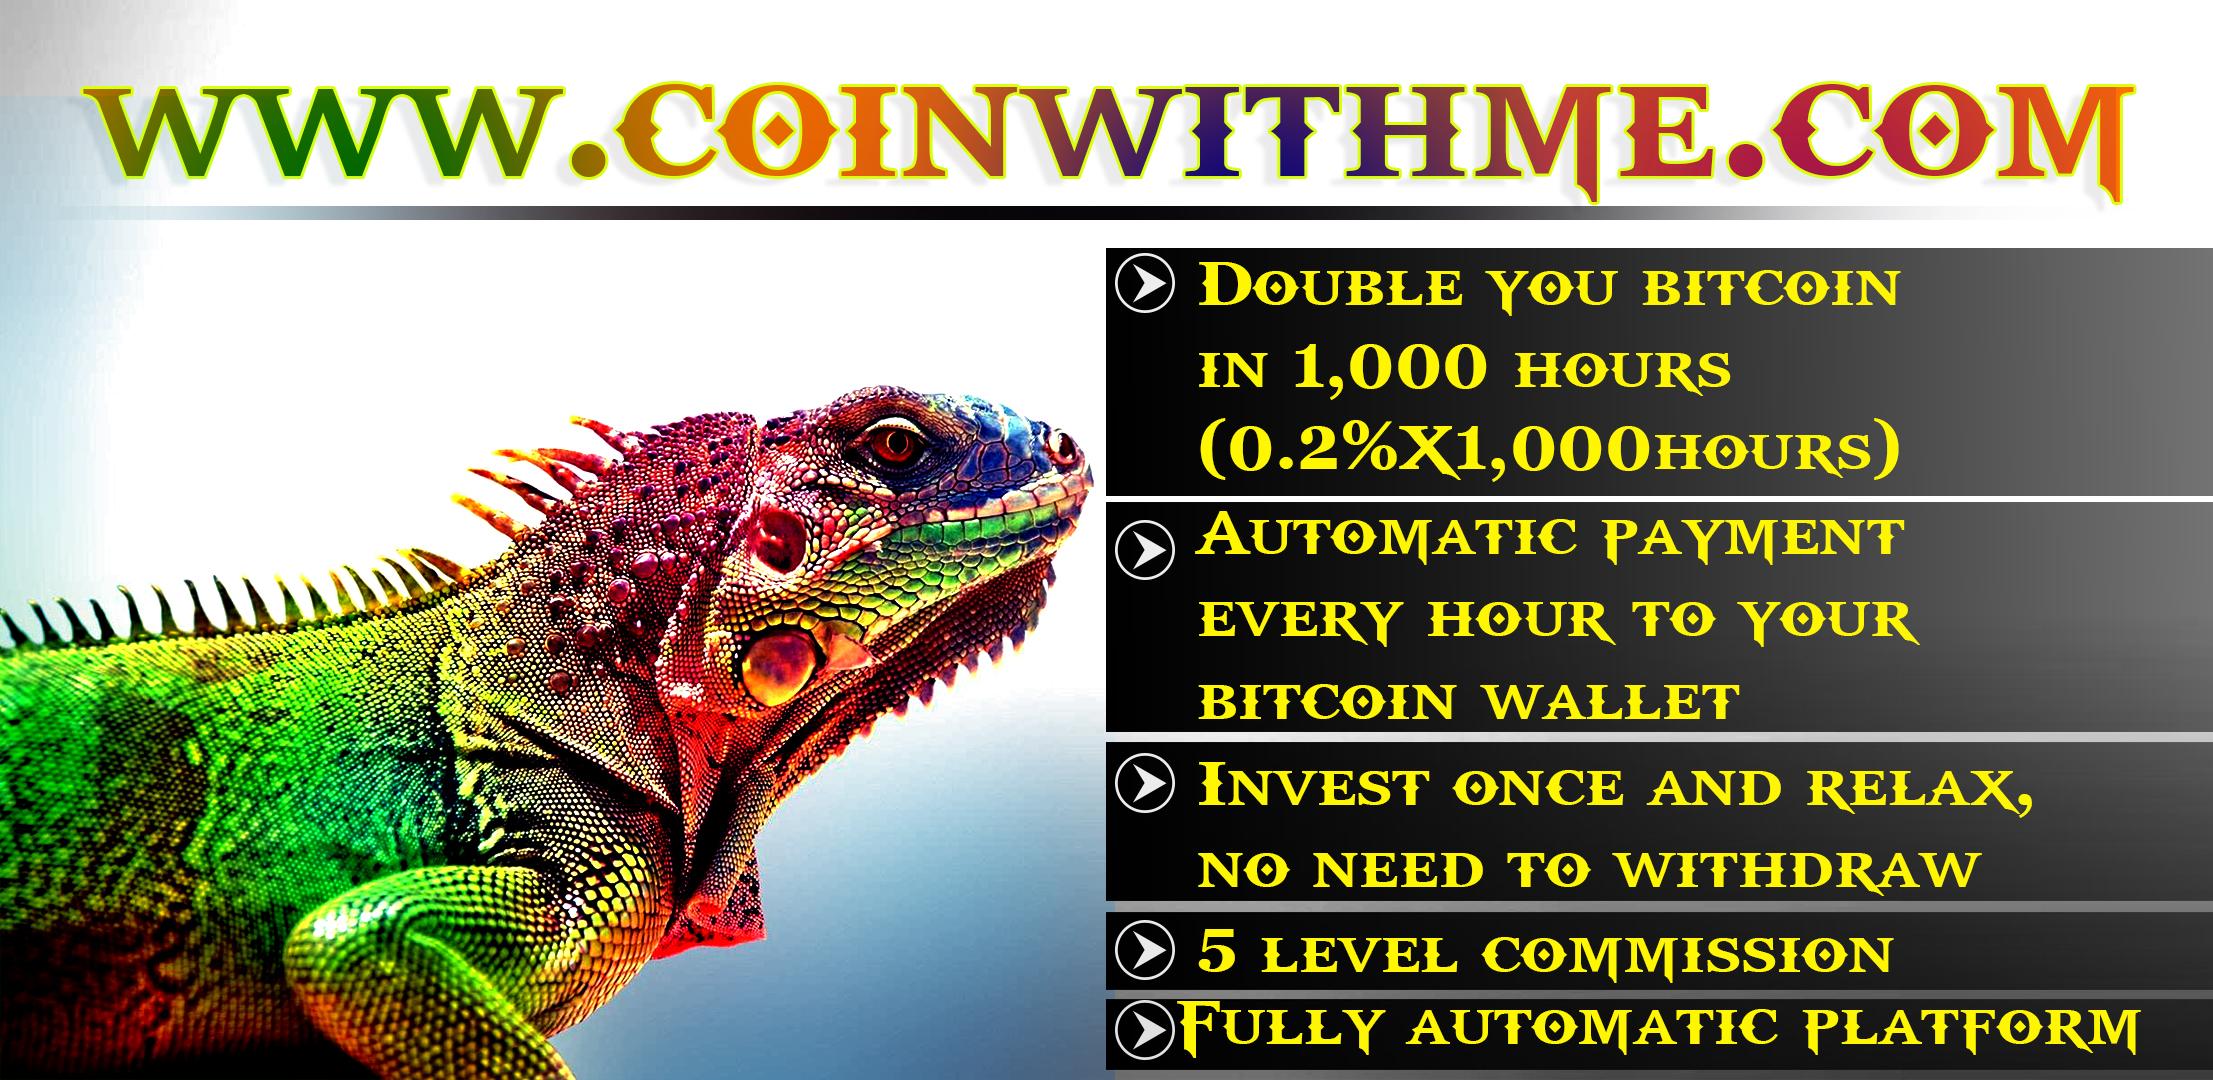 coinwithme.com